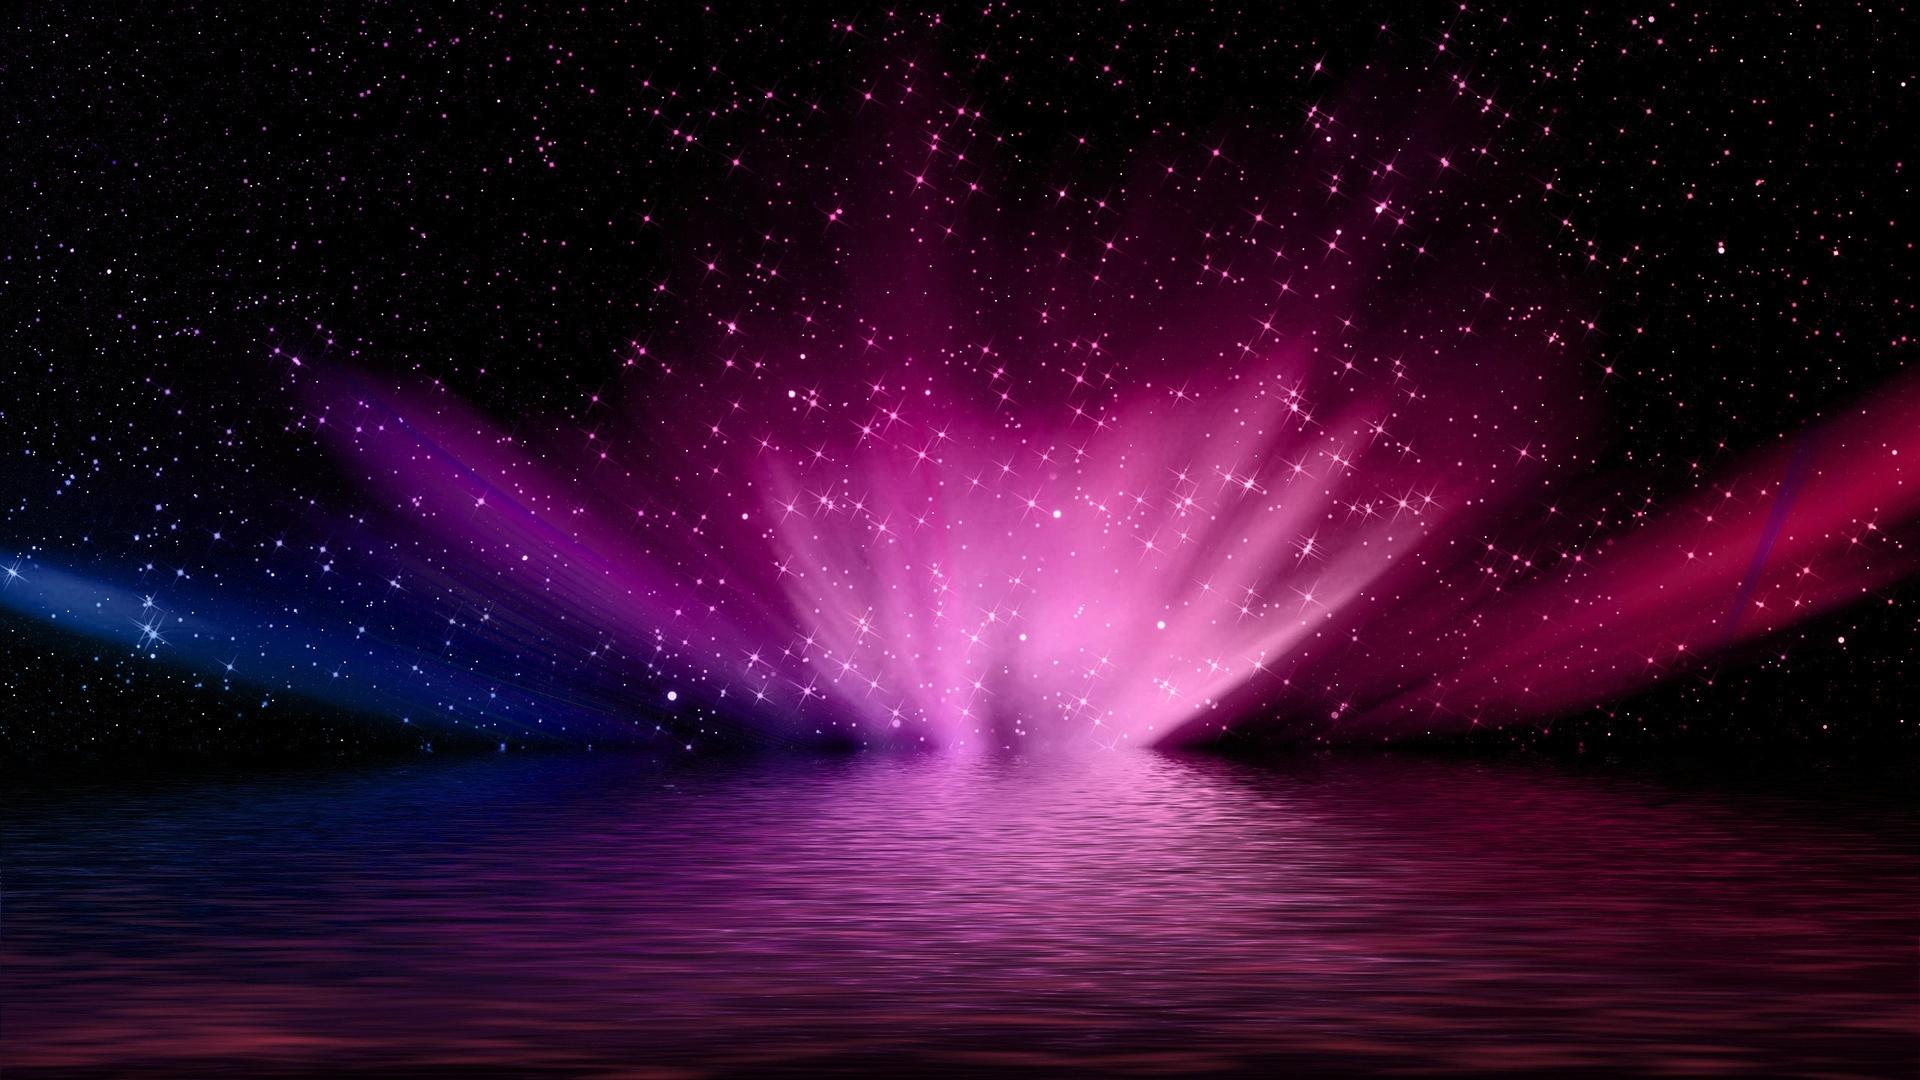 49169 скачать Фиолетовые обои на телефон бесплатно, Пейзаж, Фэнтези Фиолетовые картинки и заставки на мобильный